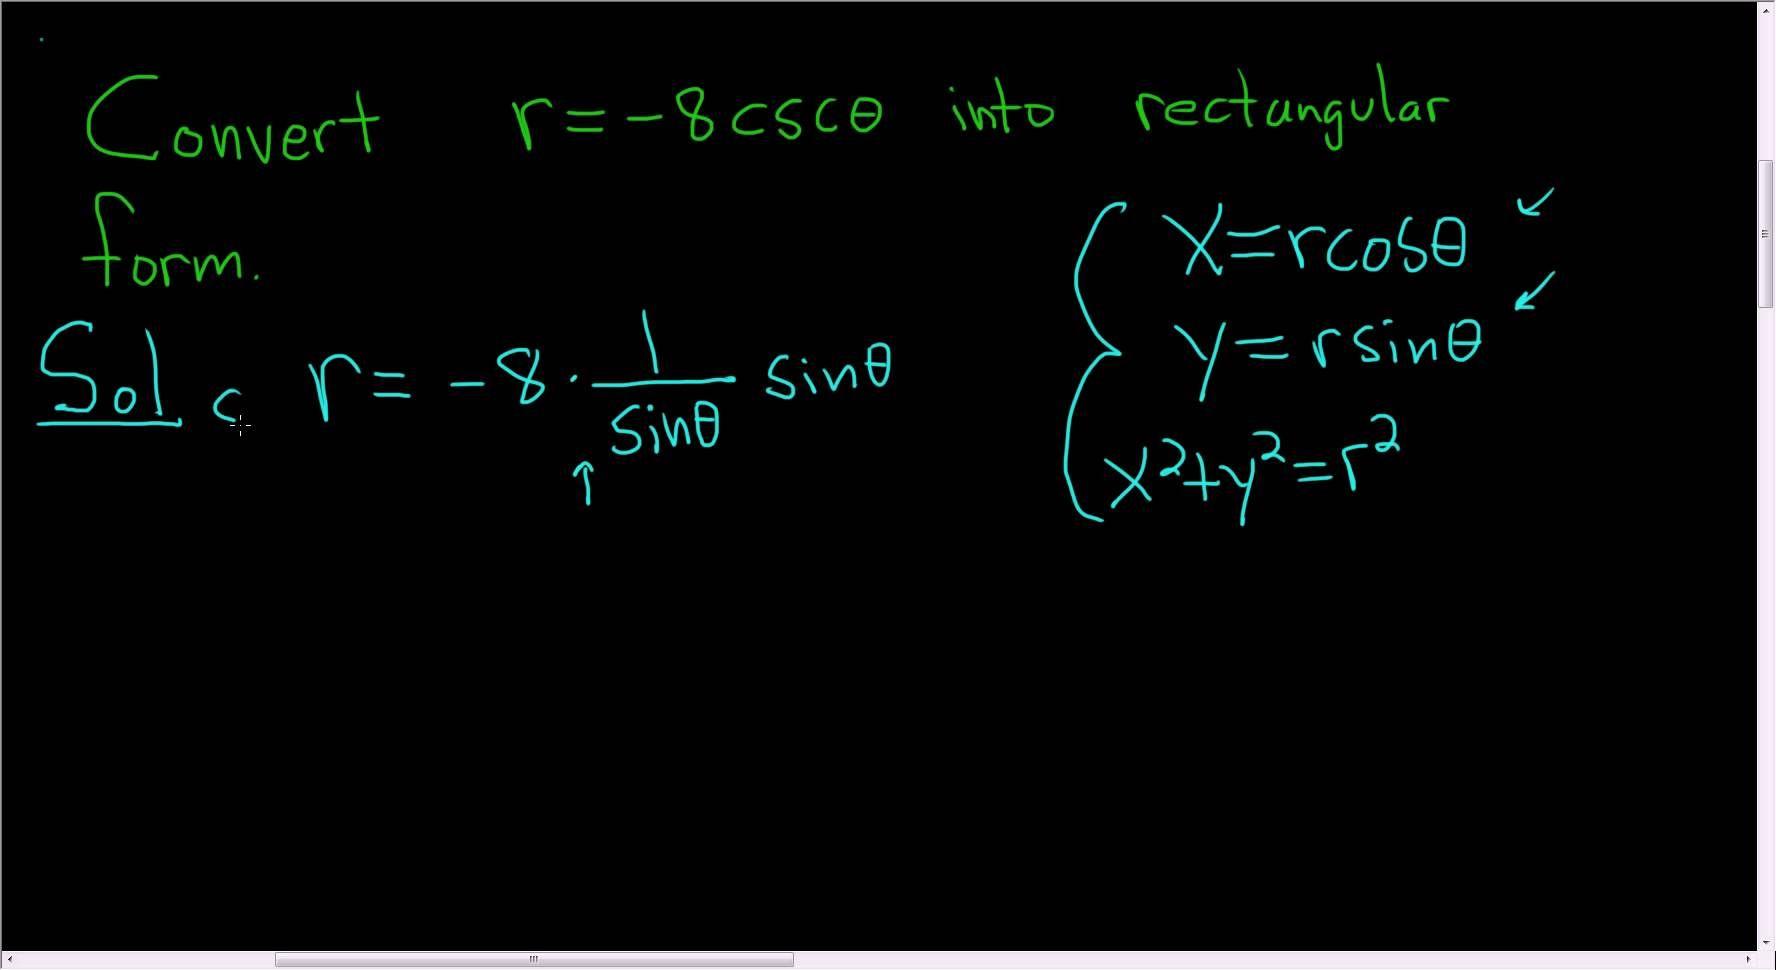 Converting The Polar Equation R 8csc Theta Into